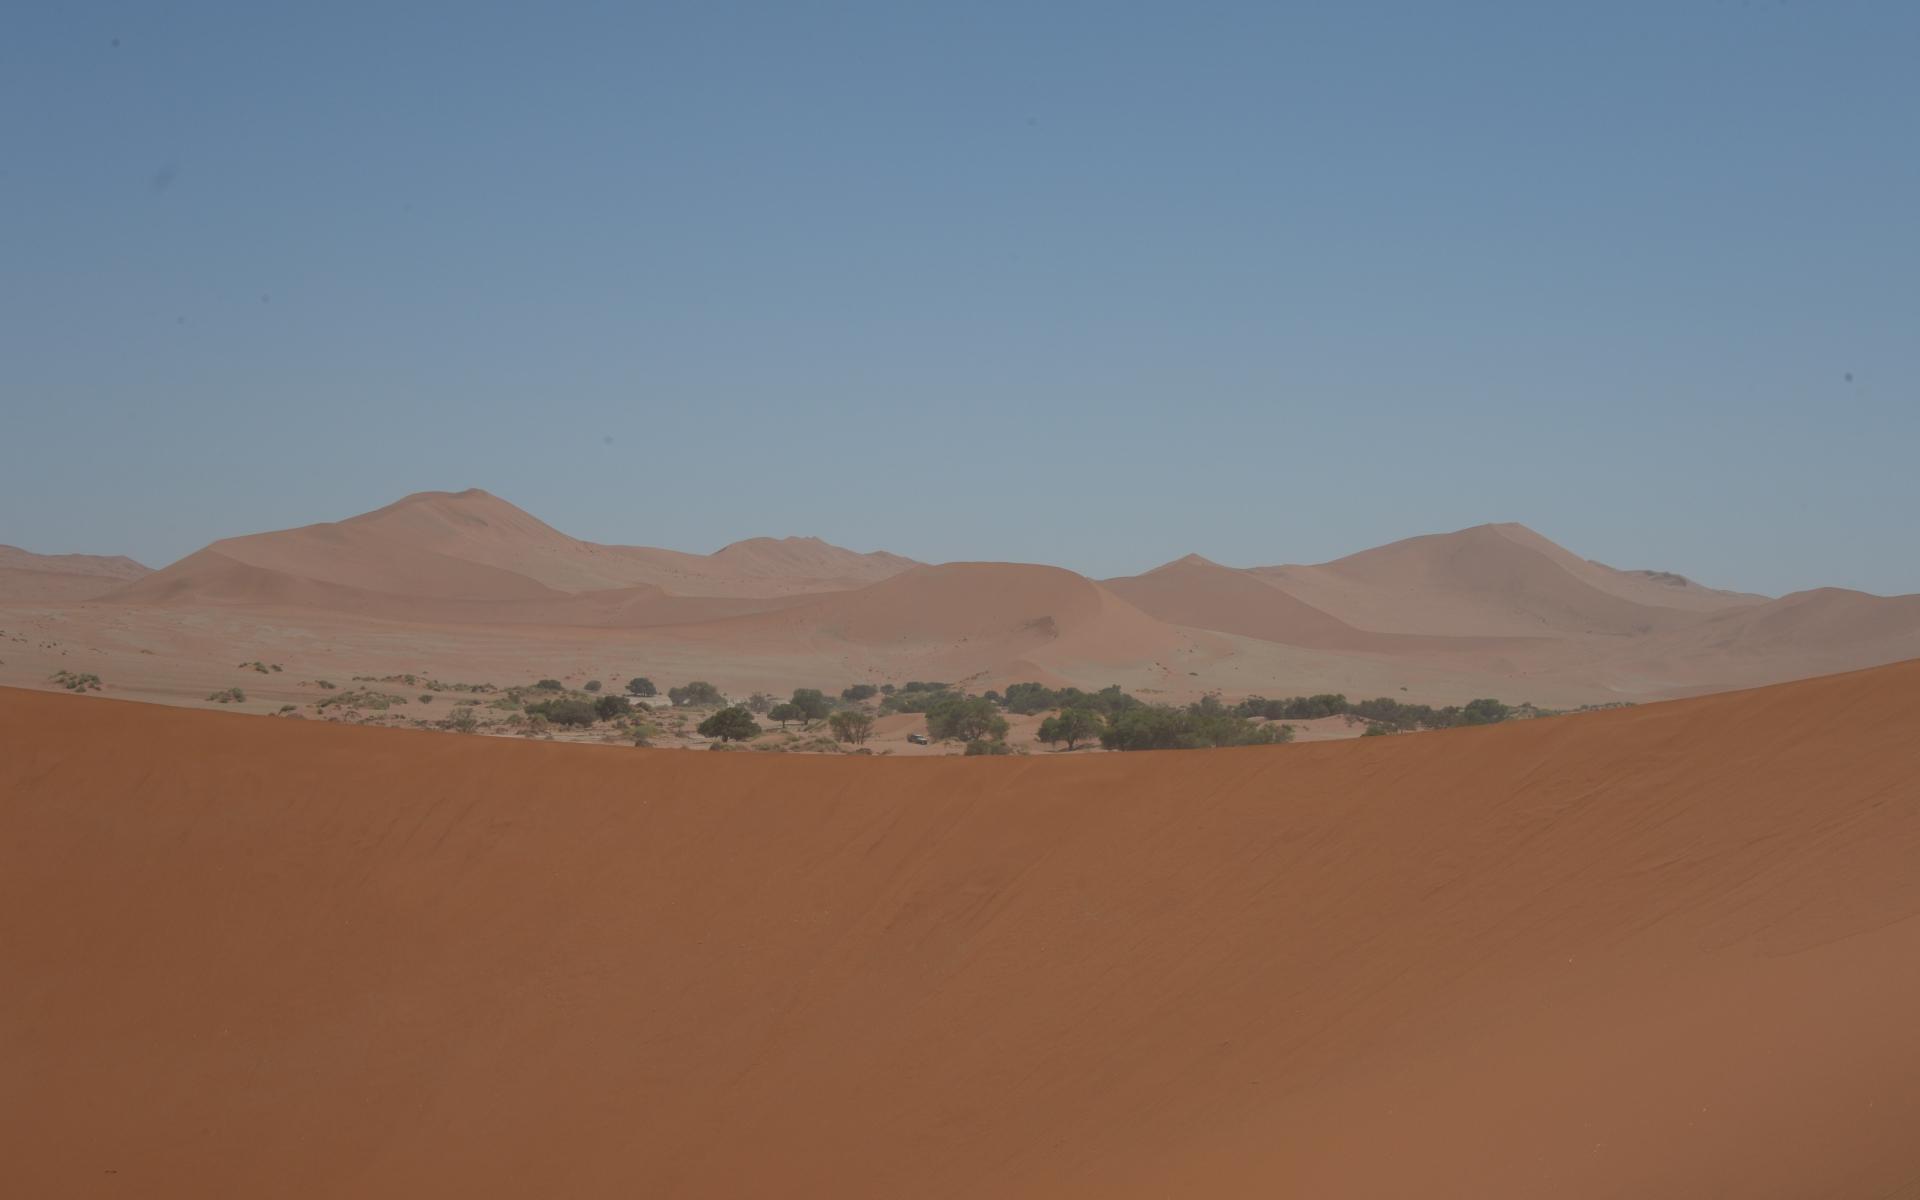 Namibia_Sossusvlei_Deadvlei_35